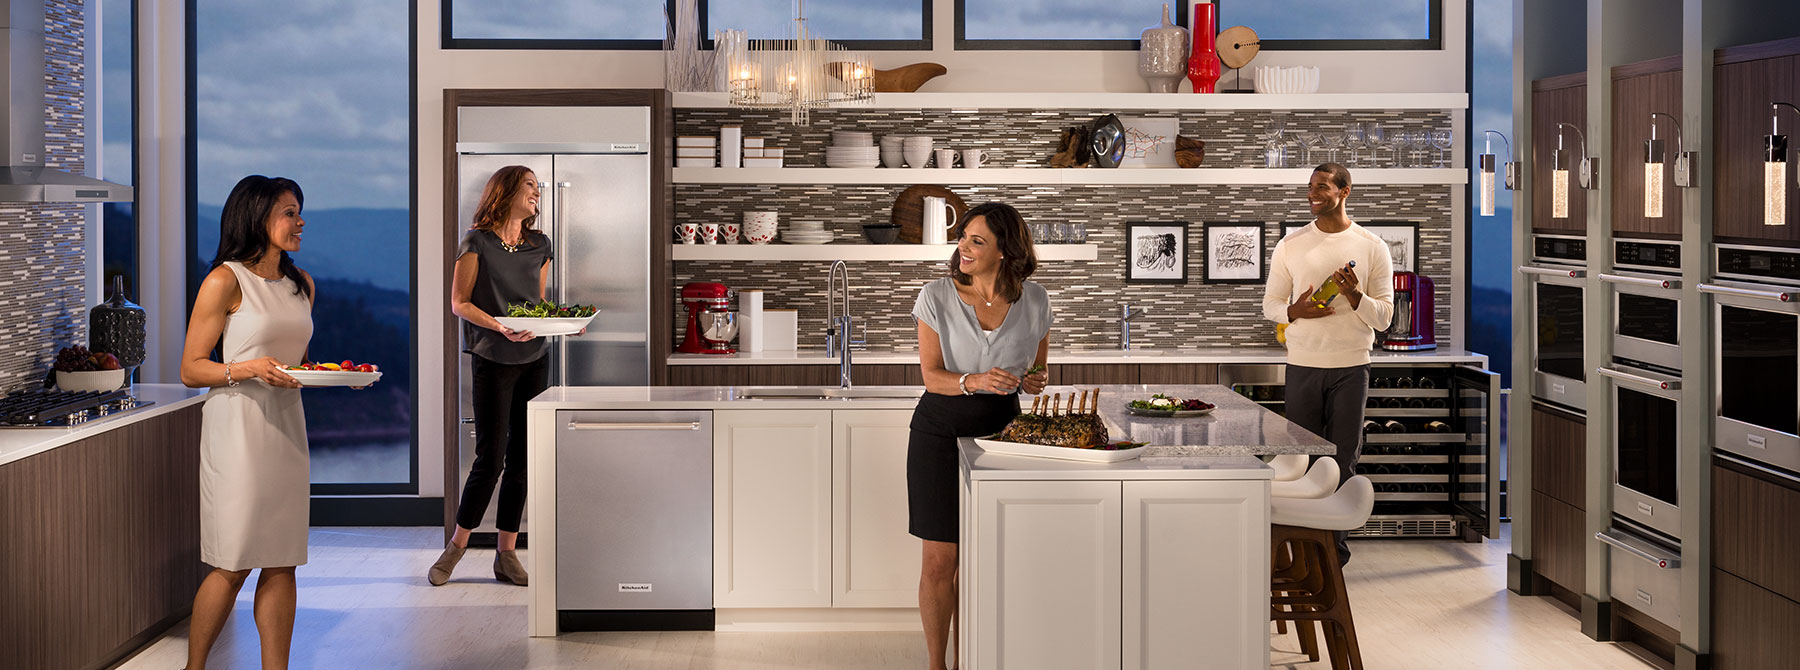 Uncategorized Bush Kitchen Appliances bush appliance watch our videos woodworks inc kitchenaid lifestyle image